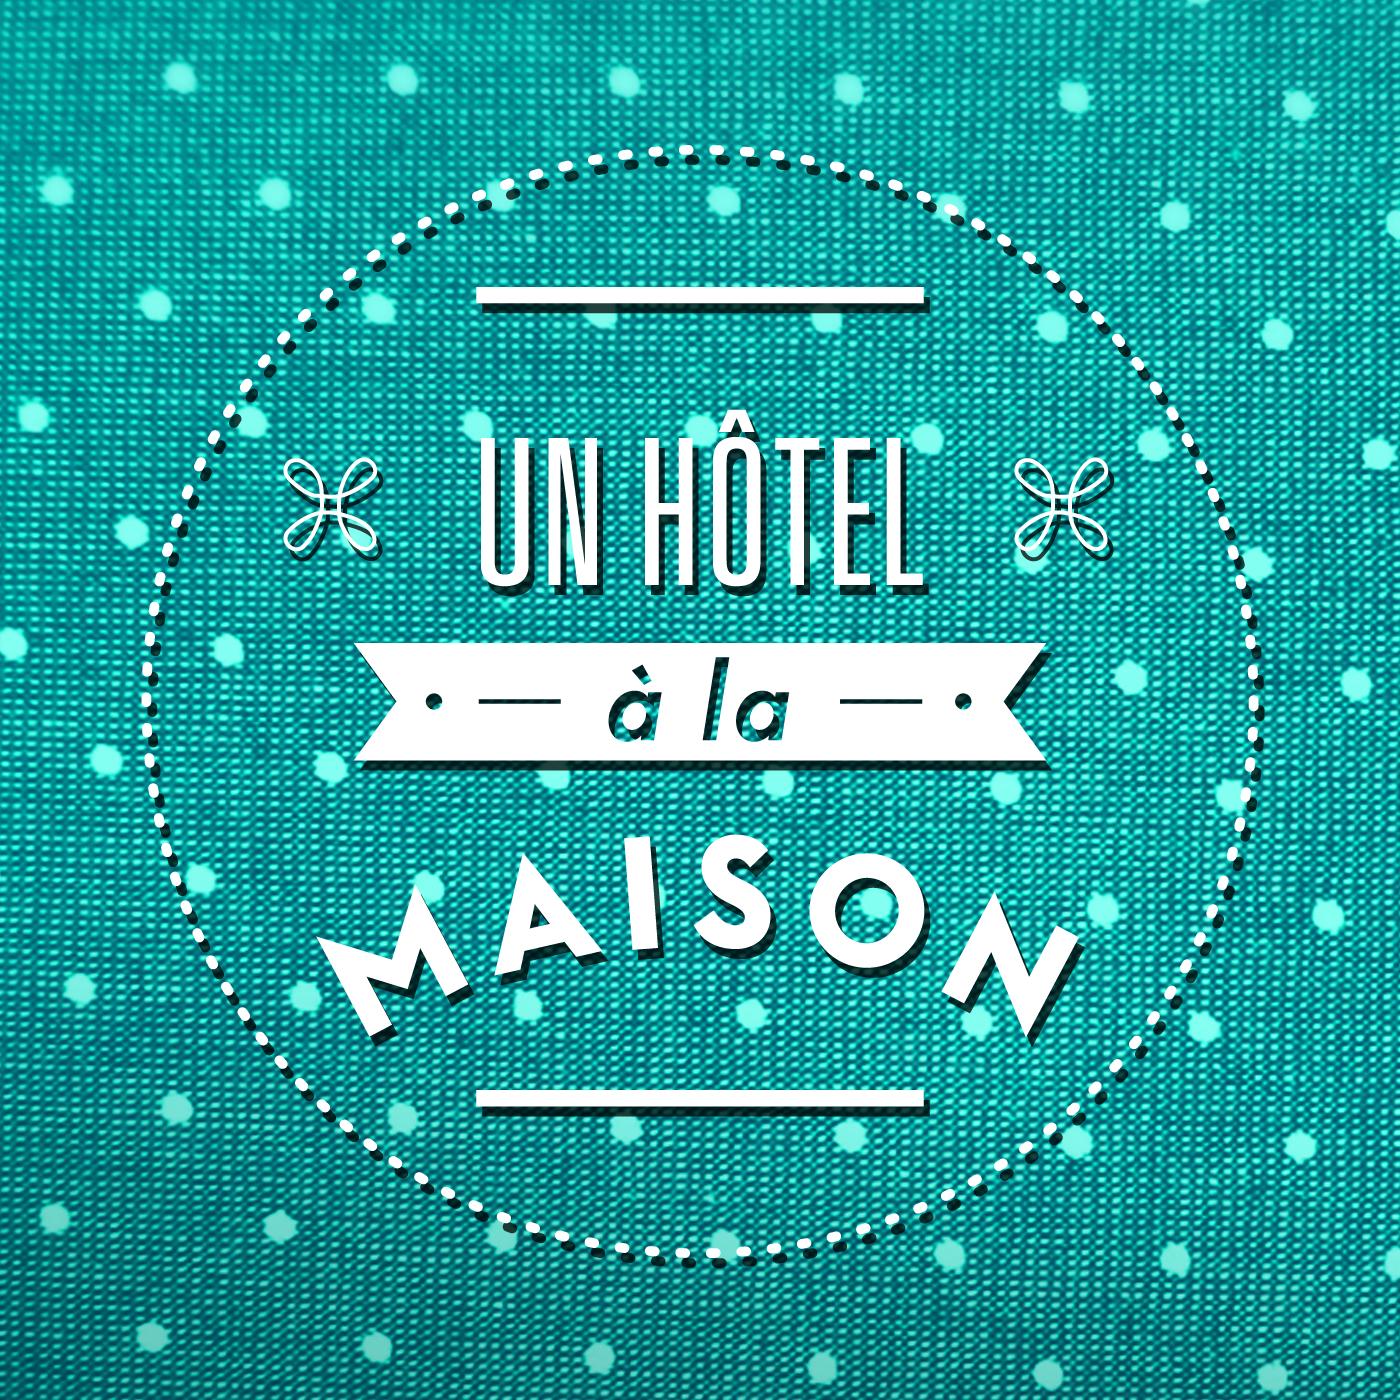 Un hôtel à la maison: logo officiel. [RTS]